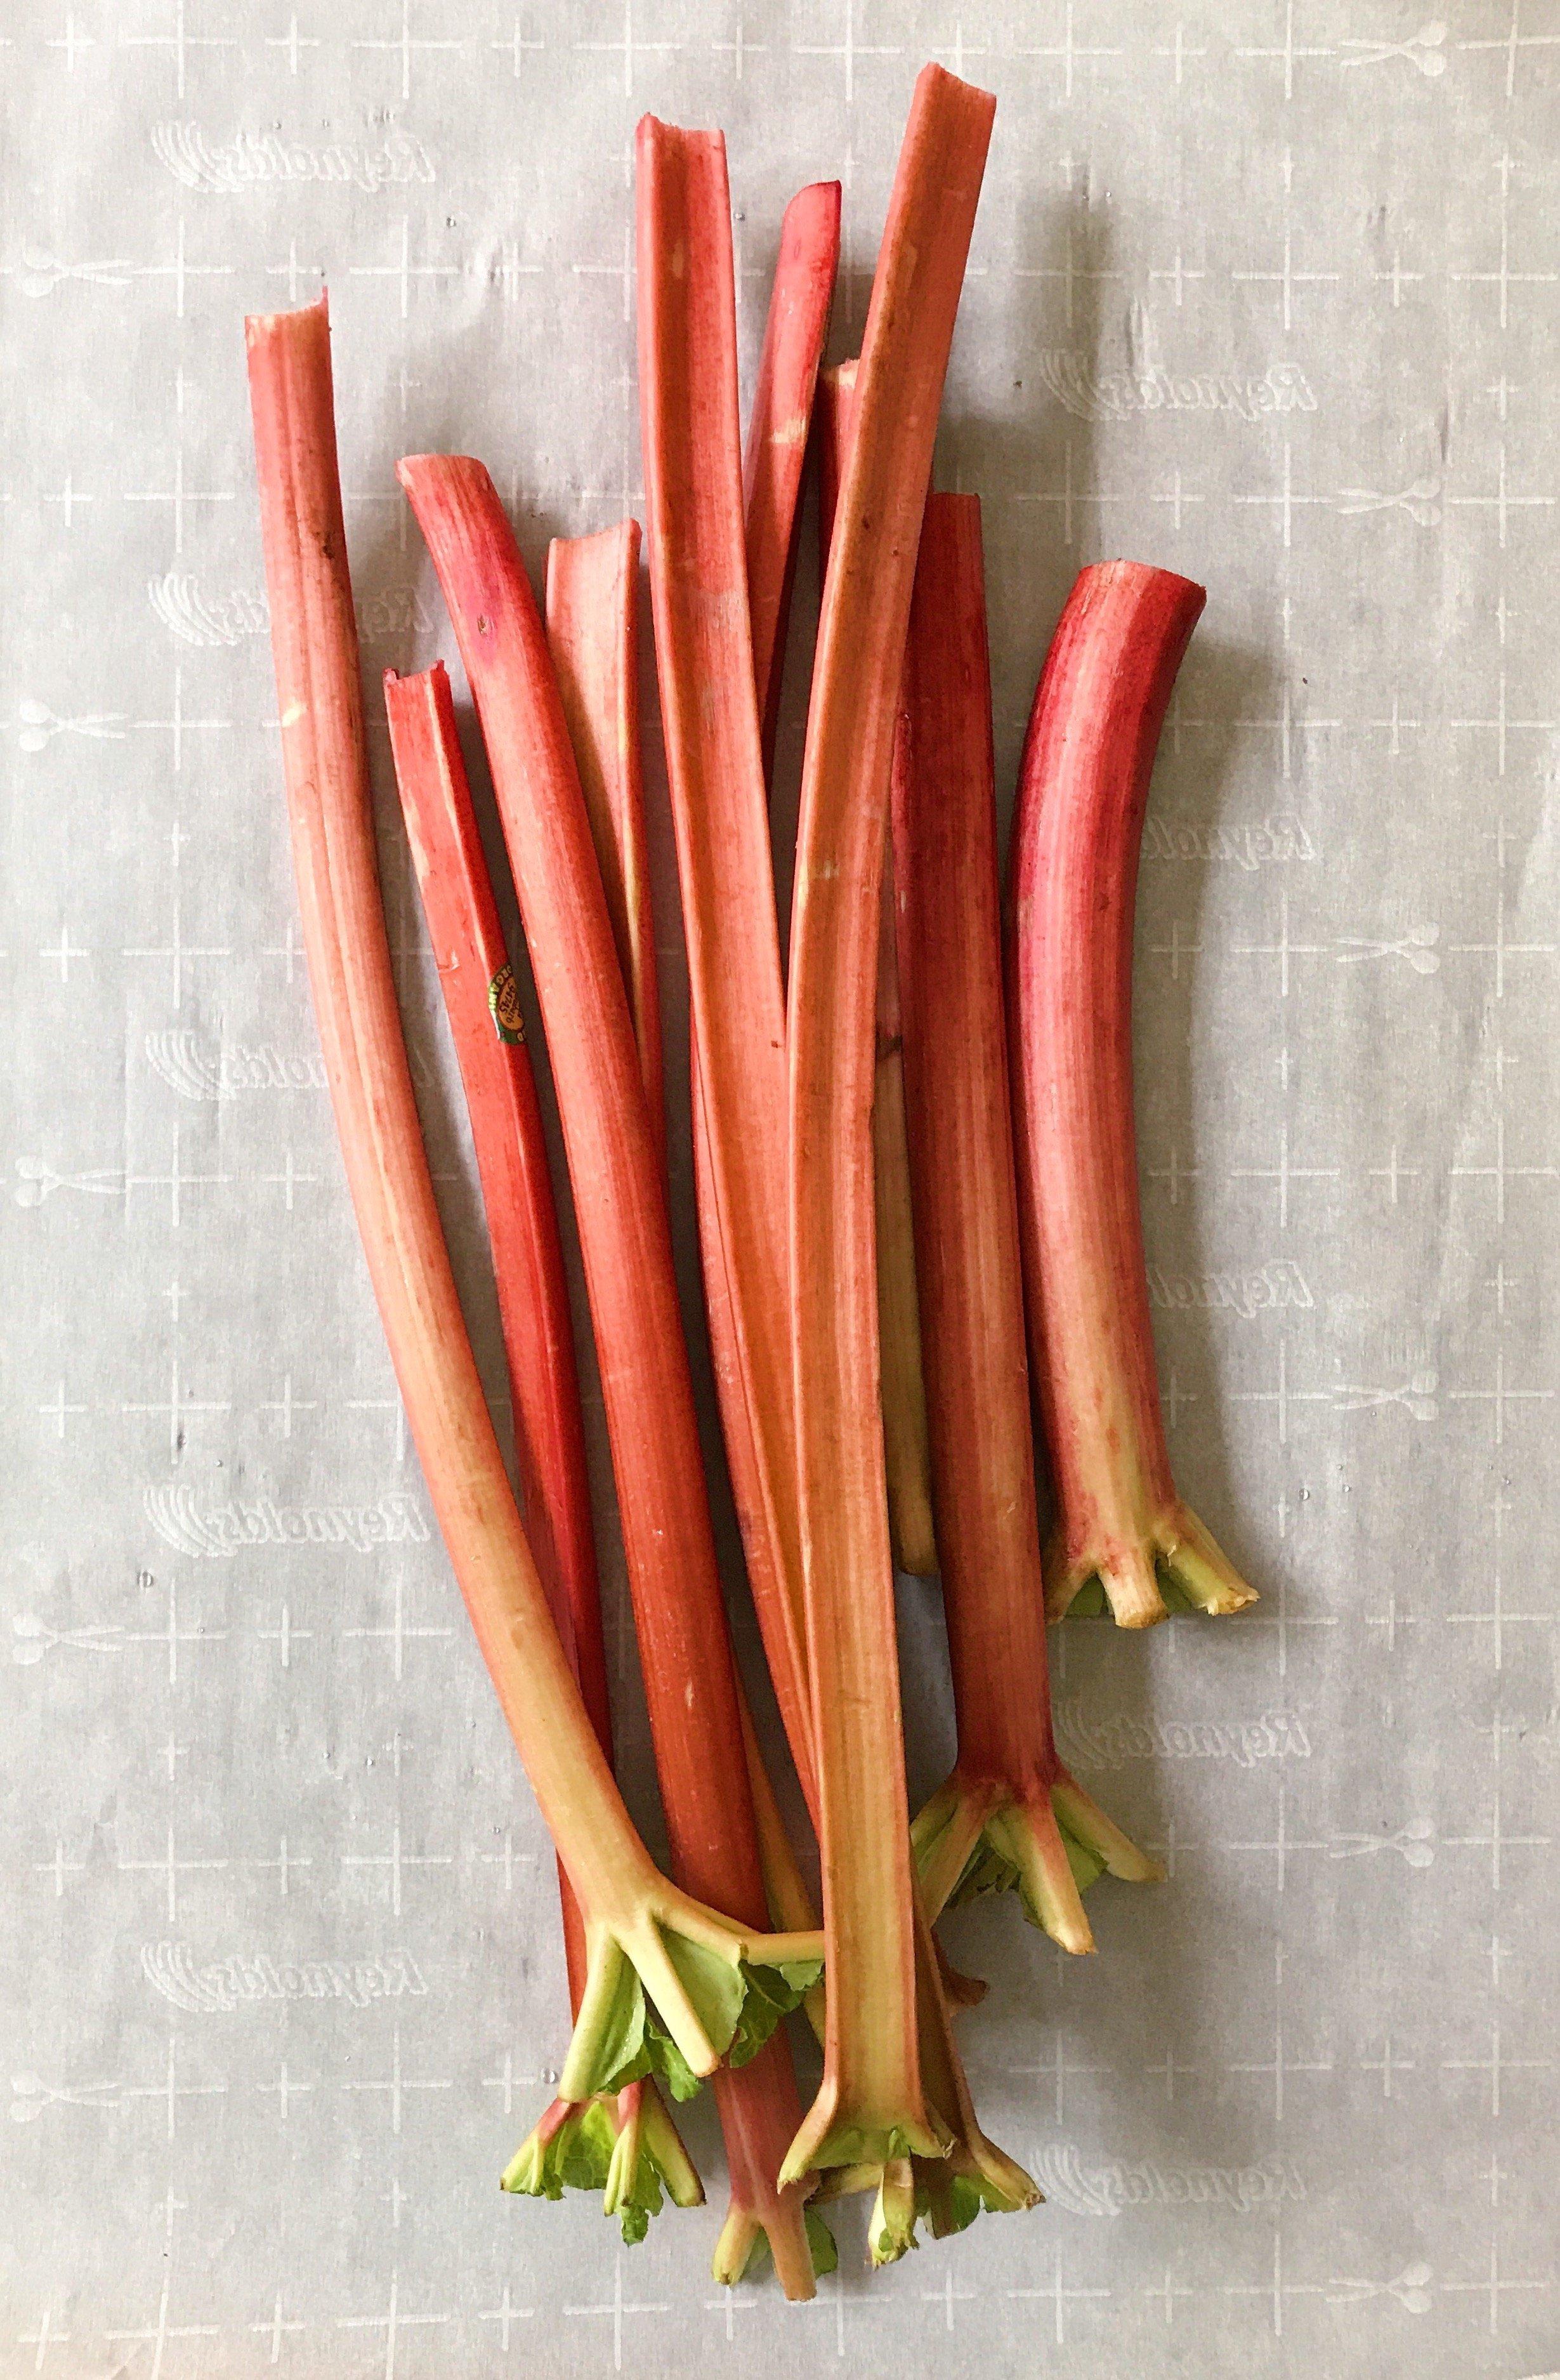 rhubarb crumble gluten-free #glutenfreerecipes www.healthygffamily.com